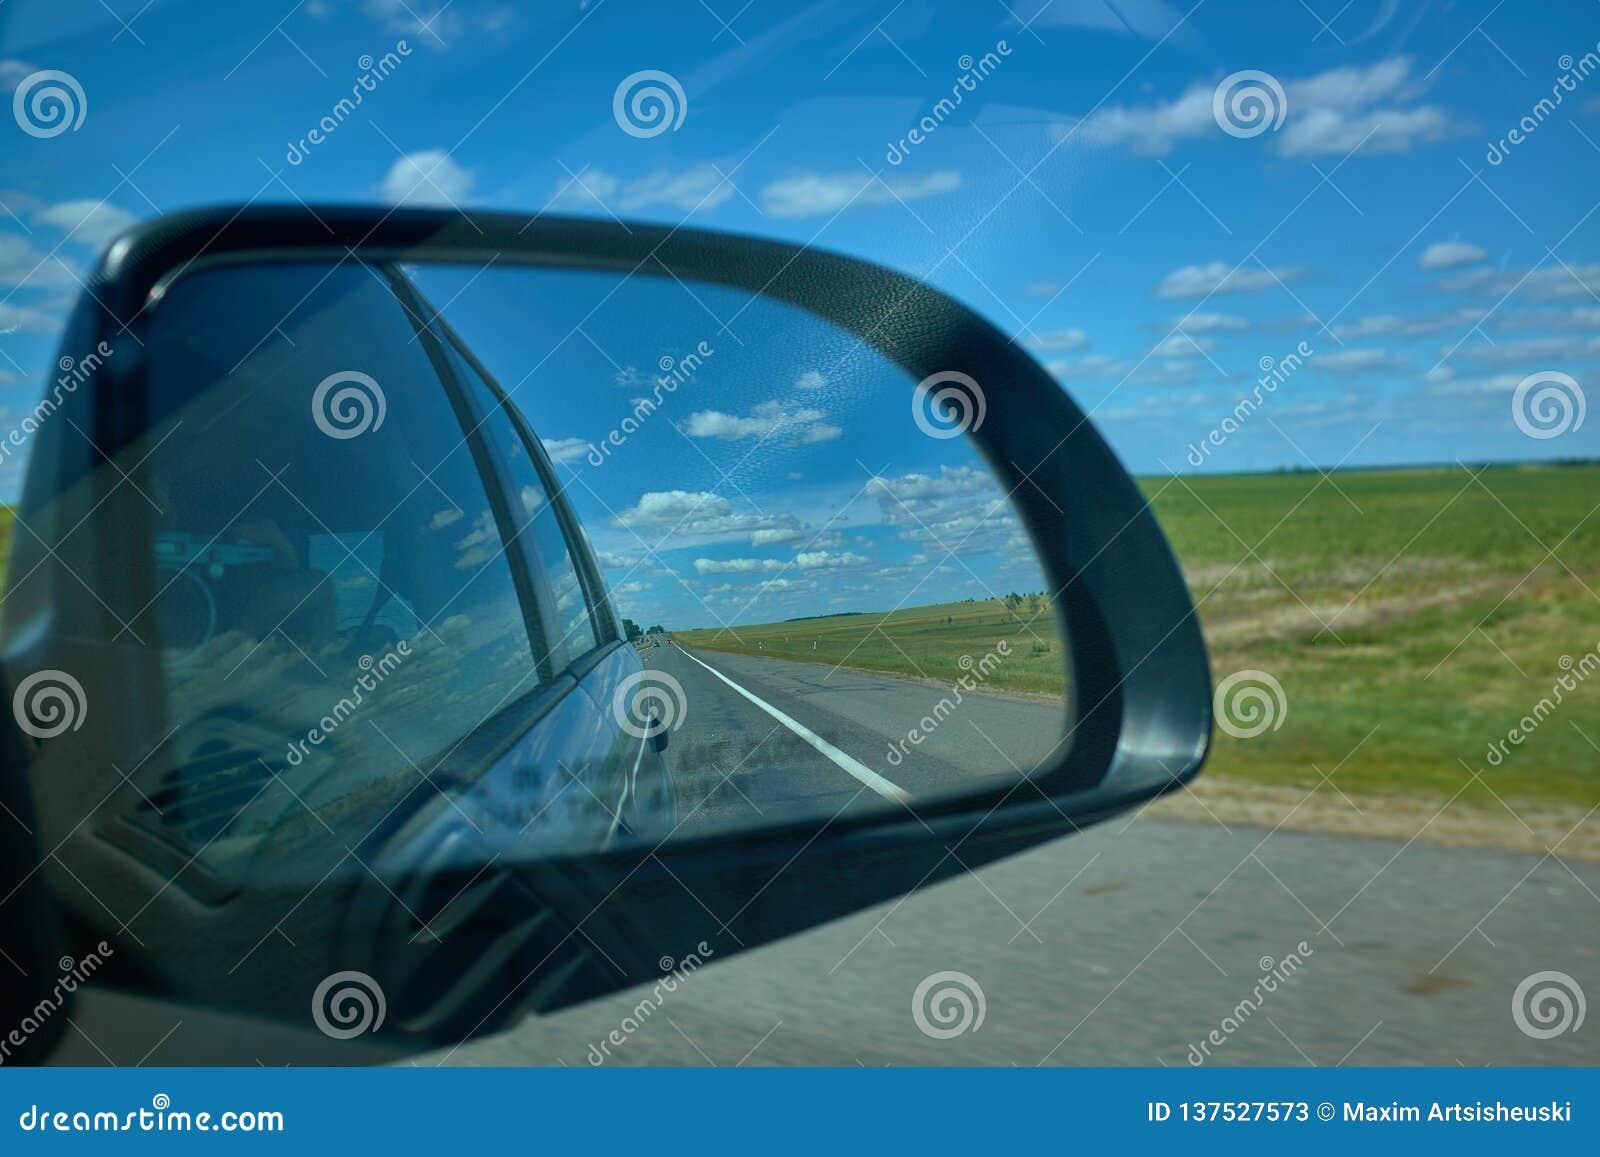 De blauwe bewolkte zonsondergang van het hemellandschap denkt in spiegel van auto na